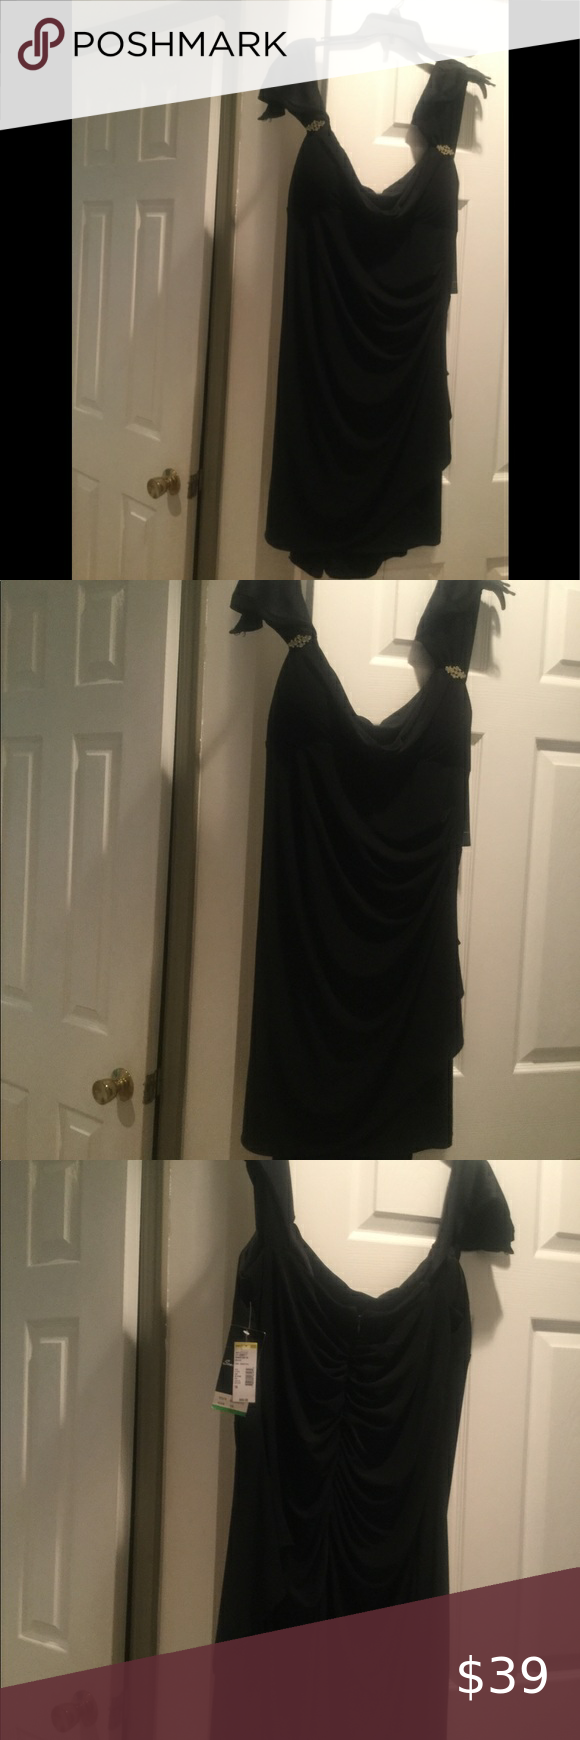 Black Dress In 2020 Black Dress Dresses Black [ 1740 x 580 Pixel ]